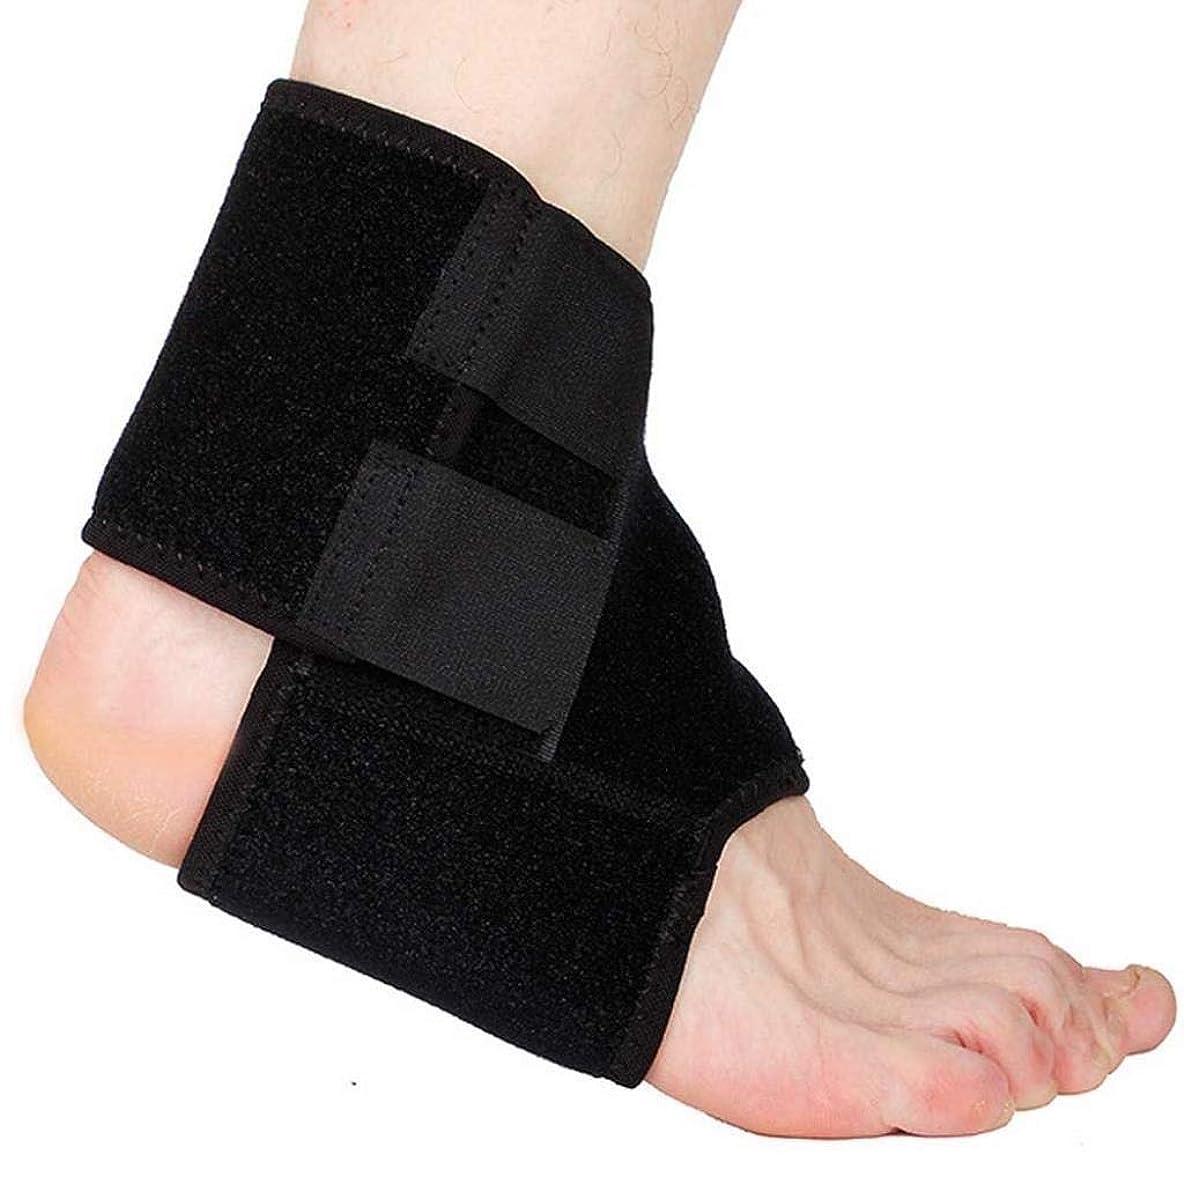 髄解凍する、雪解け、霜解けピッチャー足首サポート調節可能な足首ブレース通気性のあるナイロン素材伸縮性があり快適な1サイズスポーツに最適慢性的な足首の捻Sp疲労からの保護